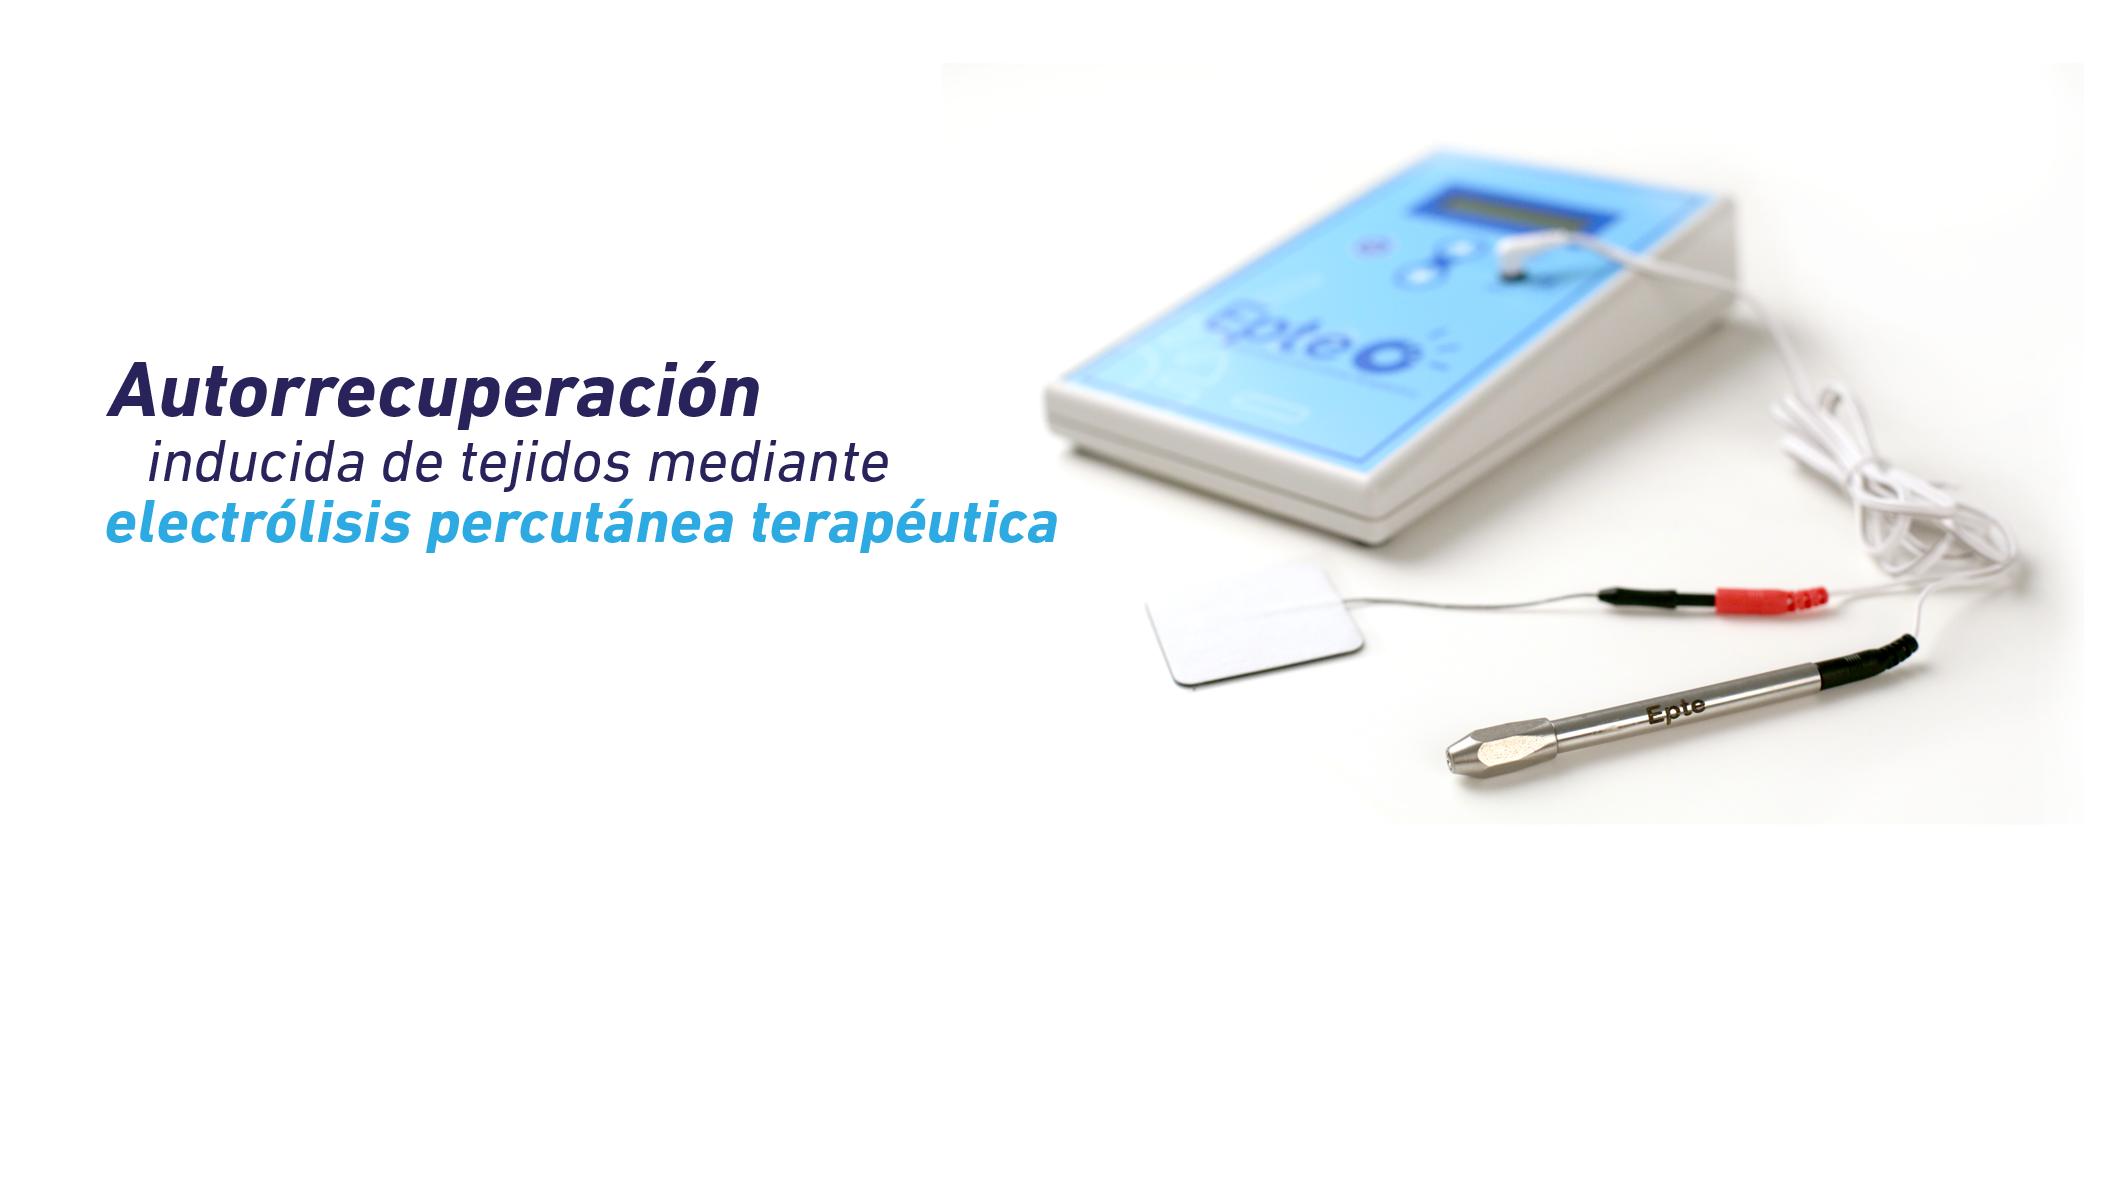 Electrolisis percutánea terapéutica